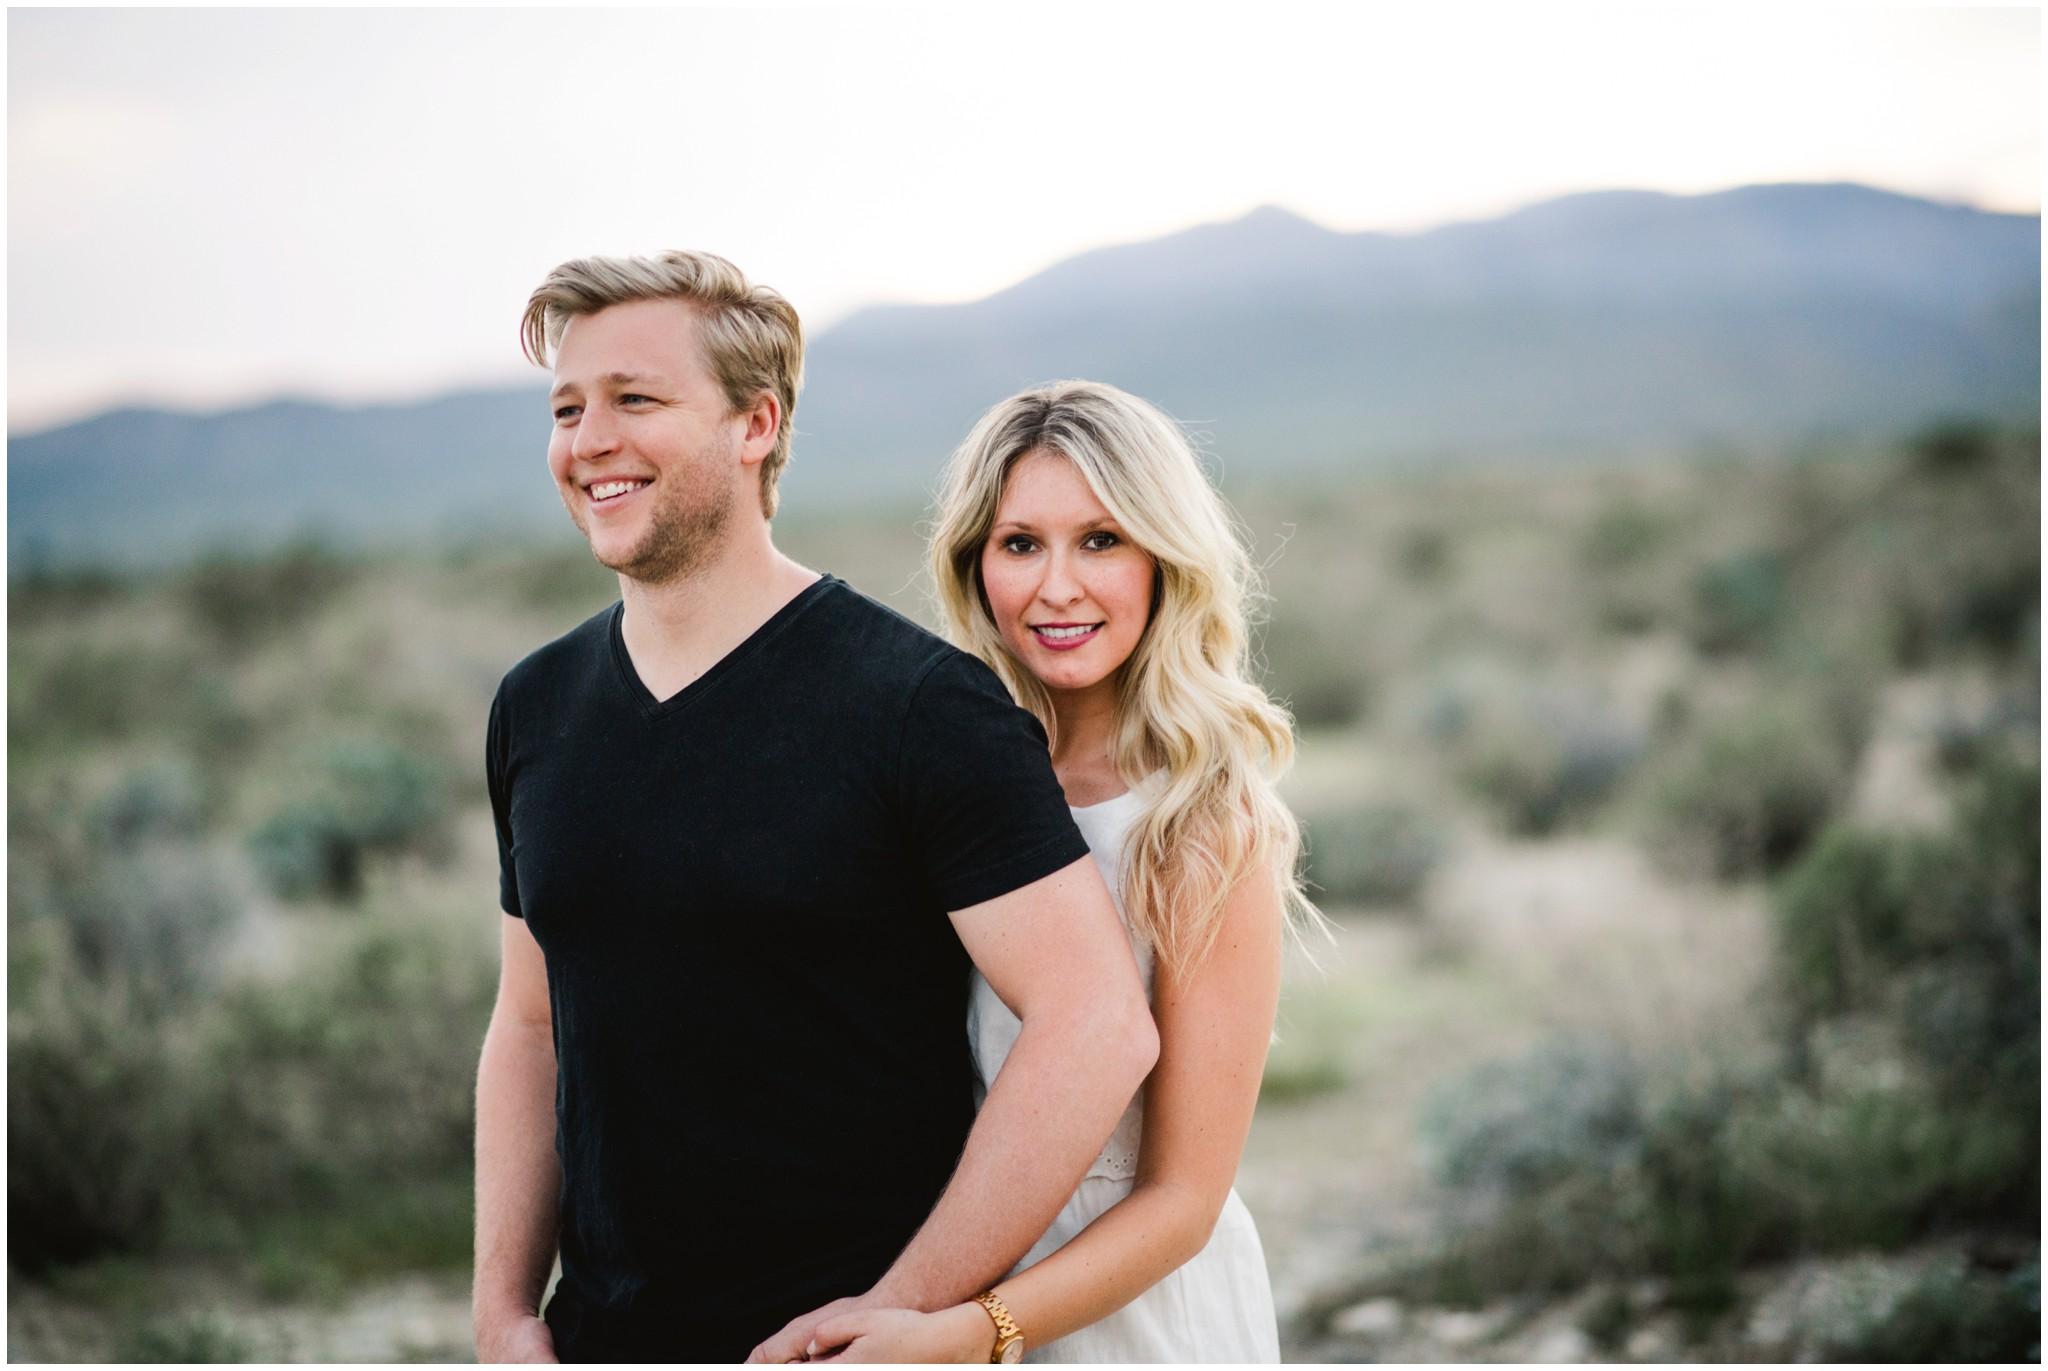 grass valley ca elopement photographer